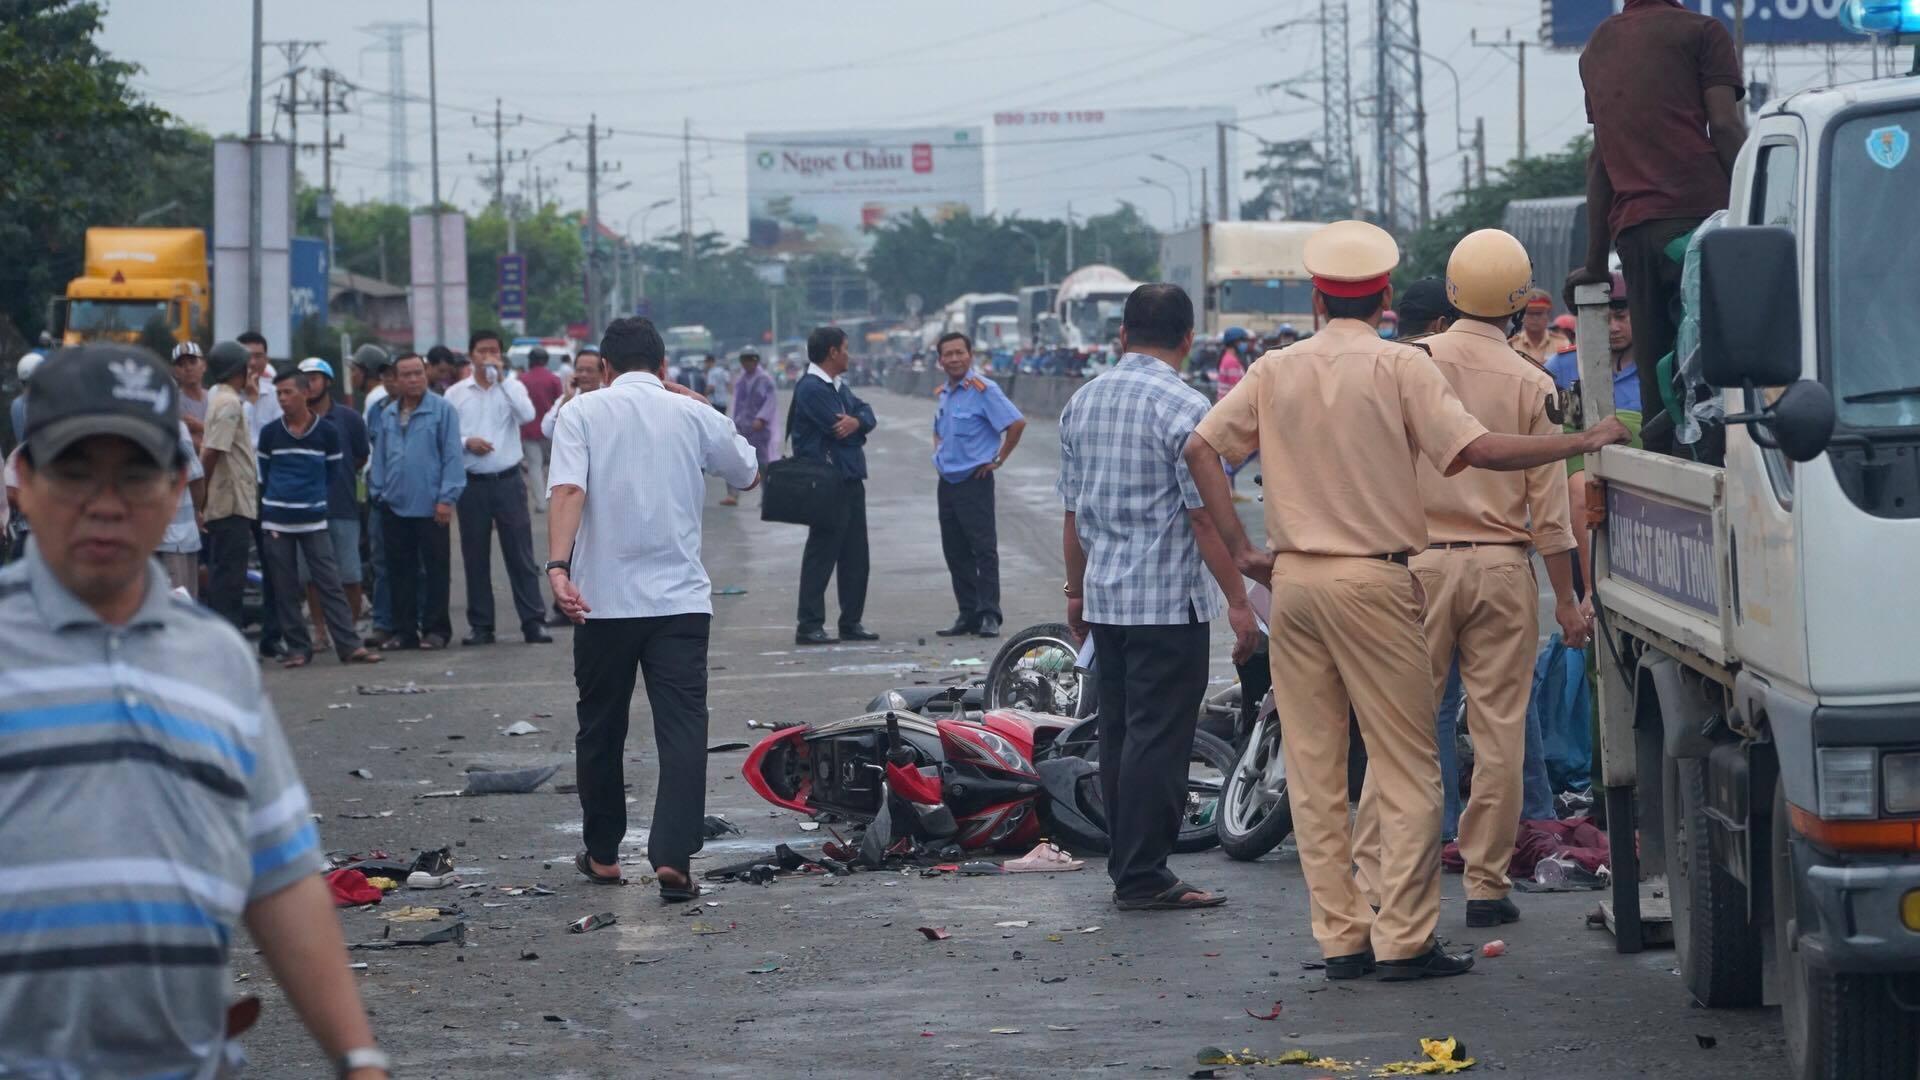 Tai nạn giao thông,An toàn giao thông,Xe container,Khuất Việt Hùng